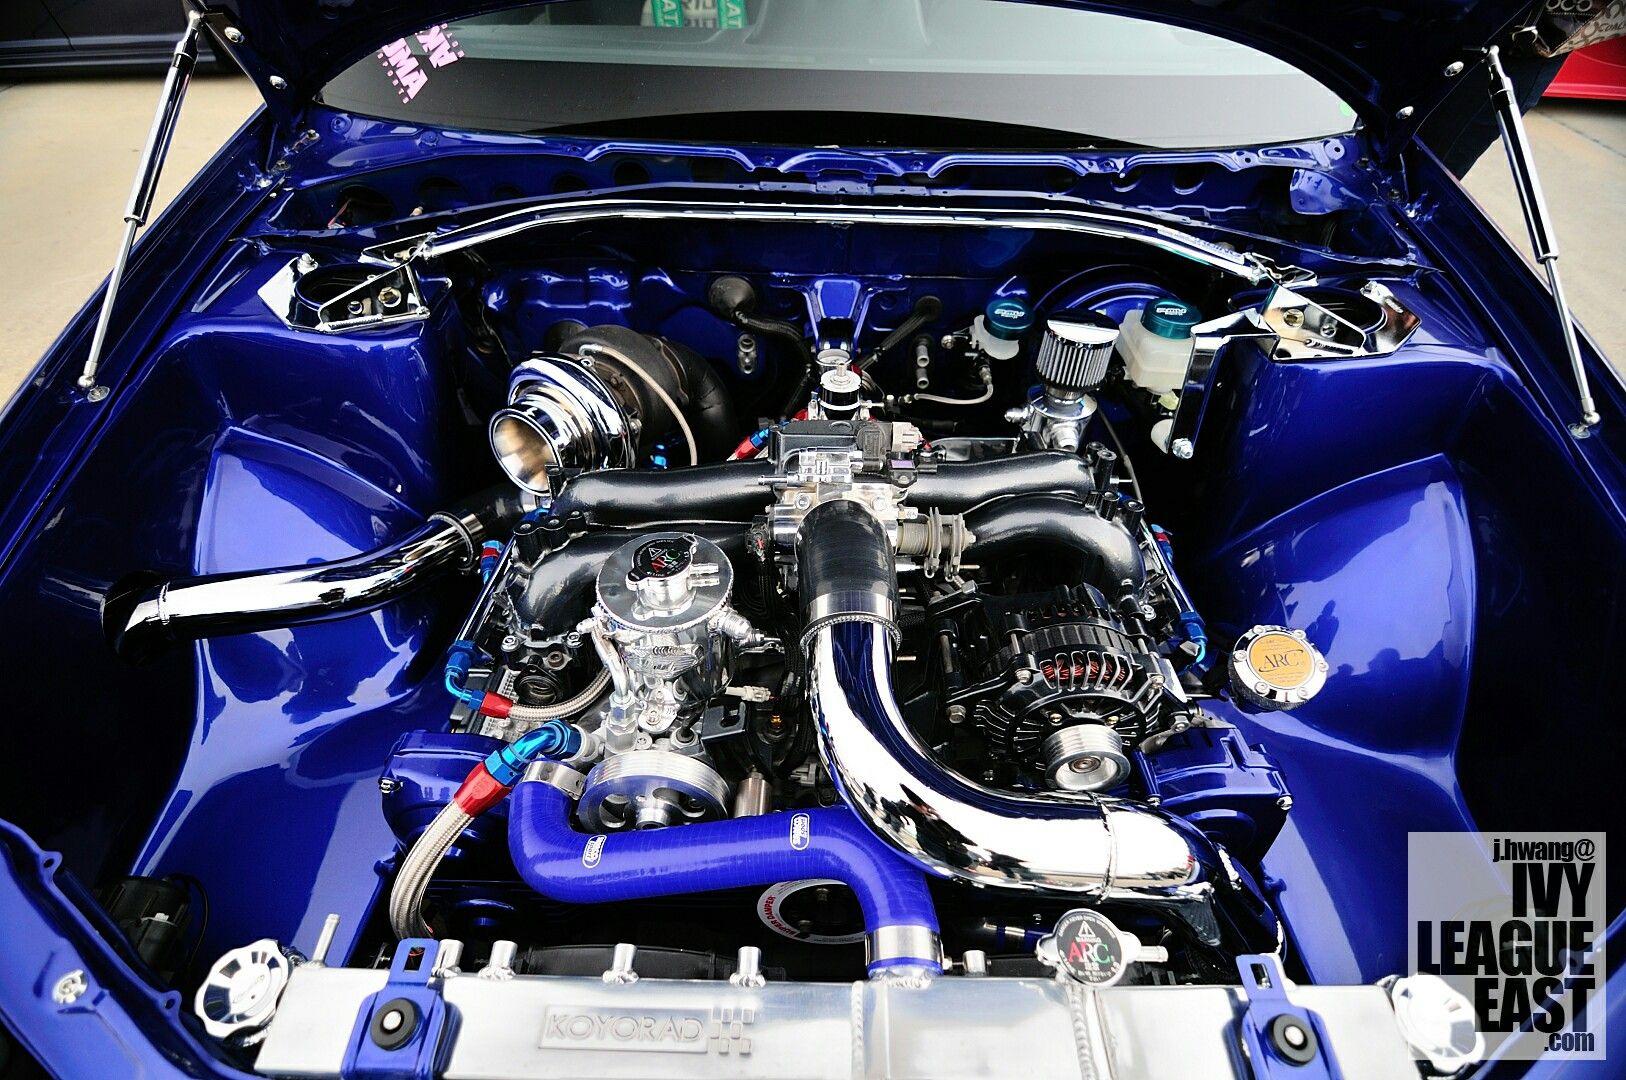 Wrx Mods Subaru Impreza Sti Vw Beetles Amazing Cars Jdm Bays